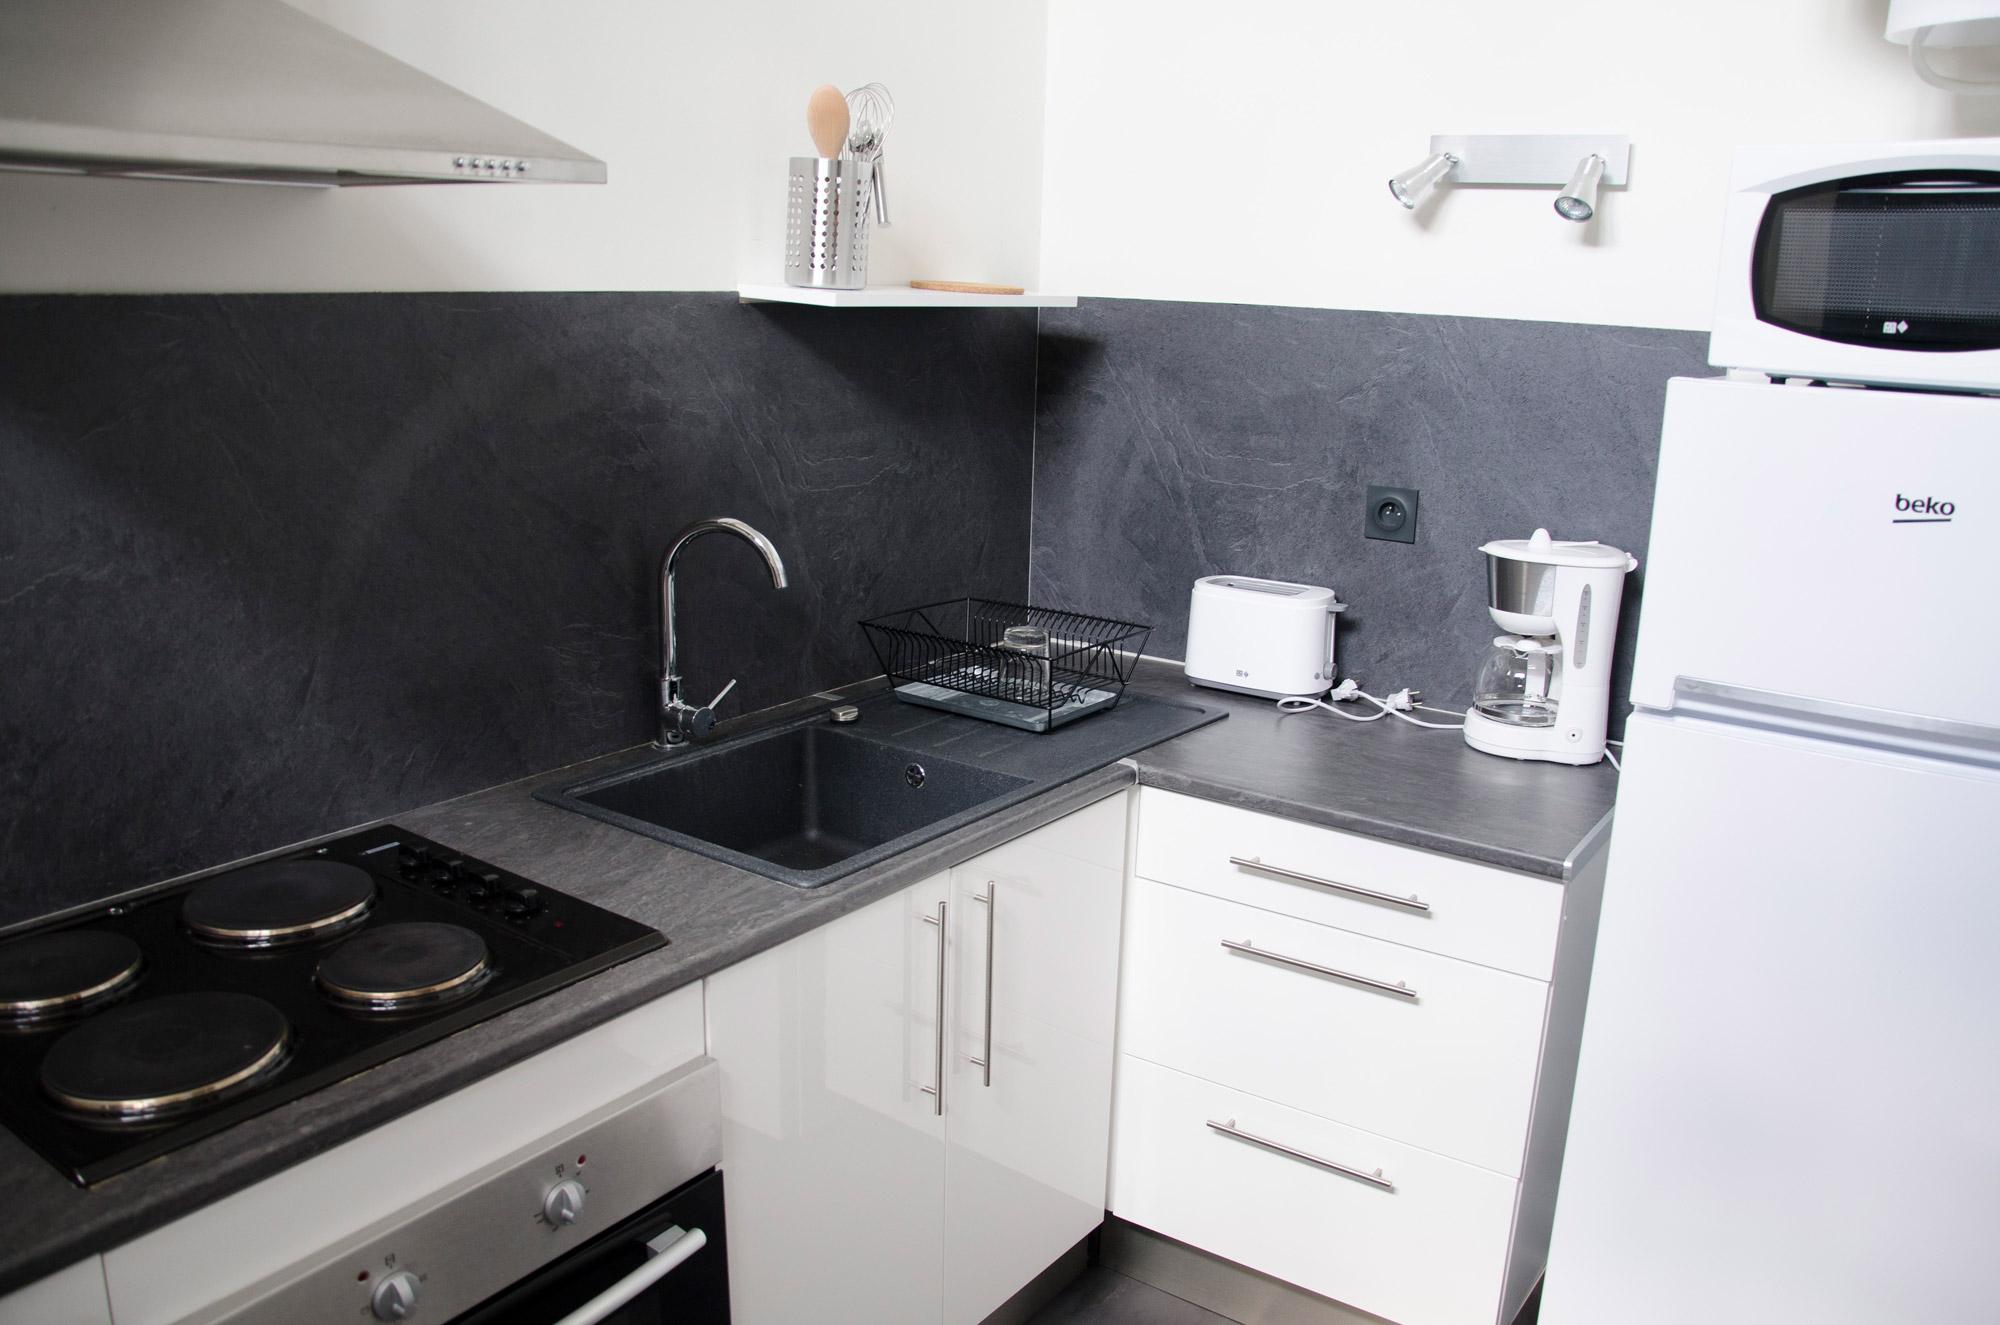 cuisine montauban amazing deux quipes de douze agents travaillent chaque jour pour concocter. Black Bedroom Furniture Sets. Home Design Ideas